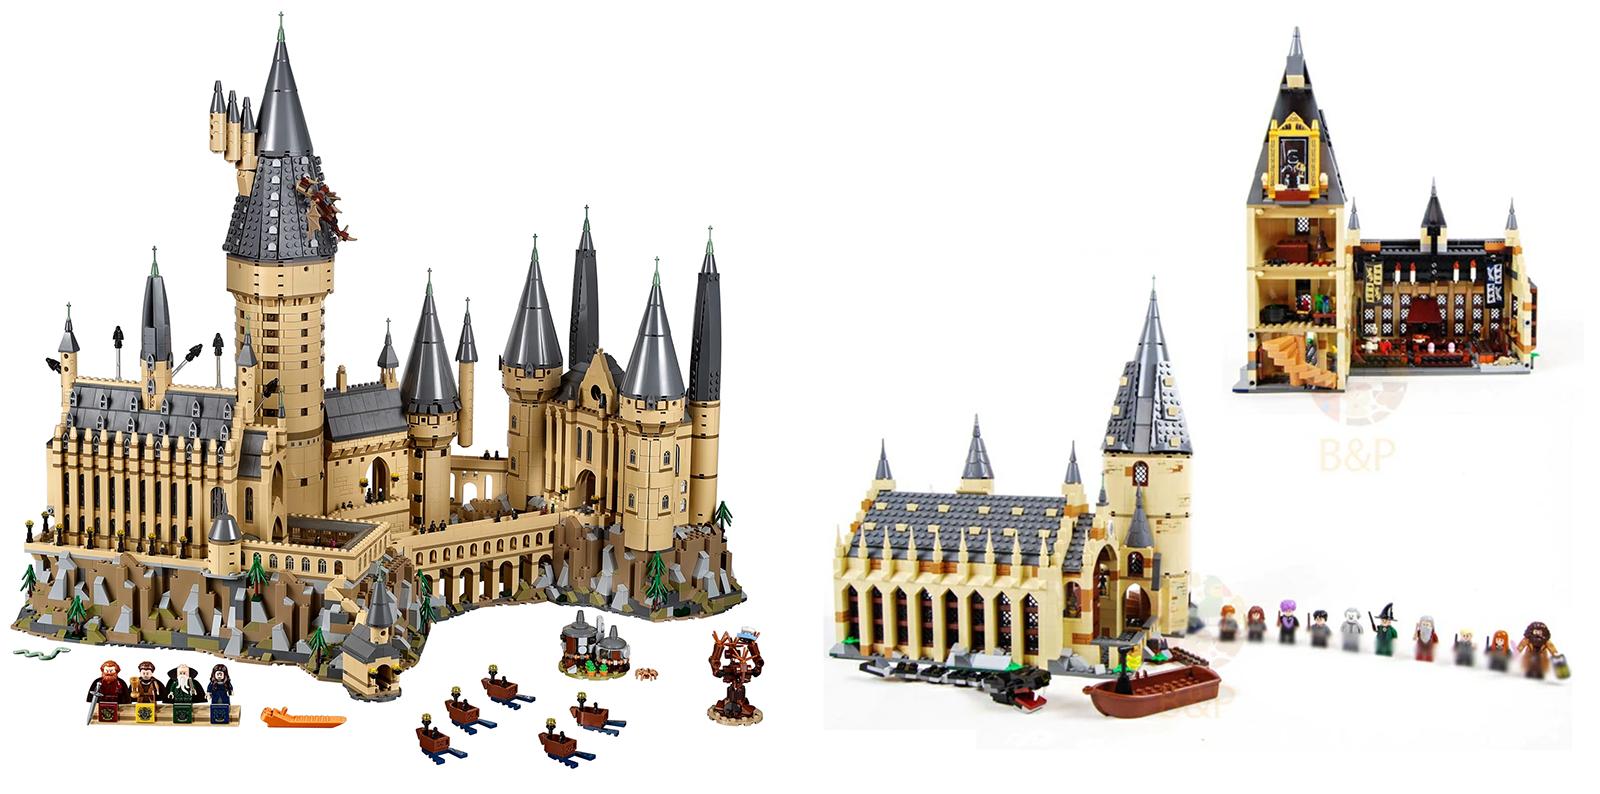 Слева — оригинал набора «Замок Хогвартс» за 34 999 р.. Справа — аналог с «Алиэкспресса» за 2410 р.